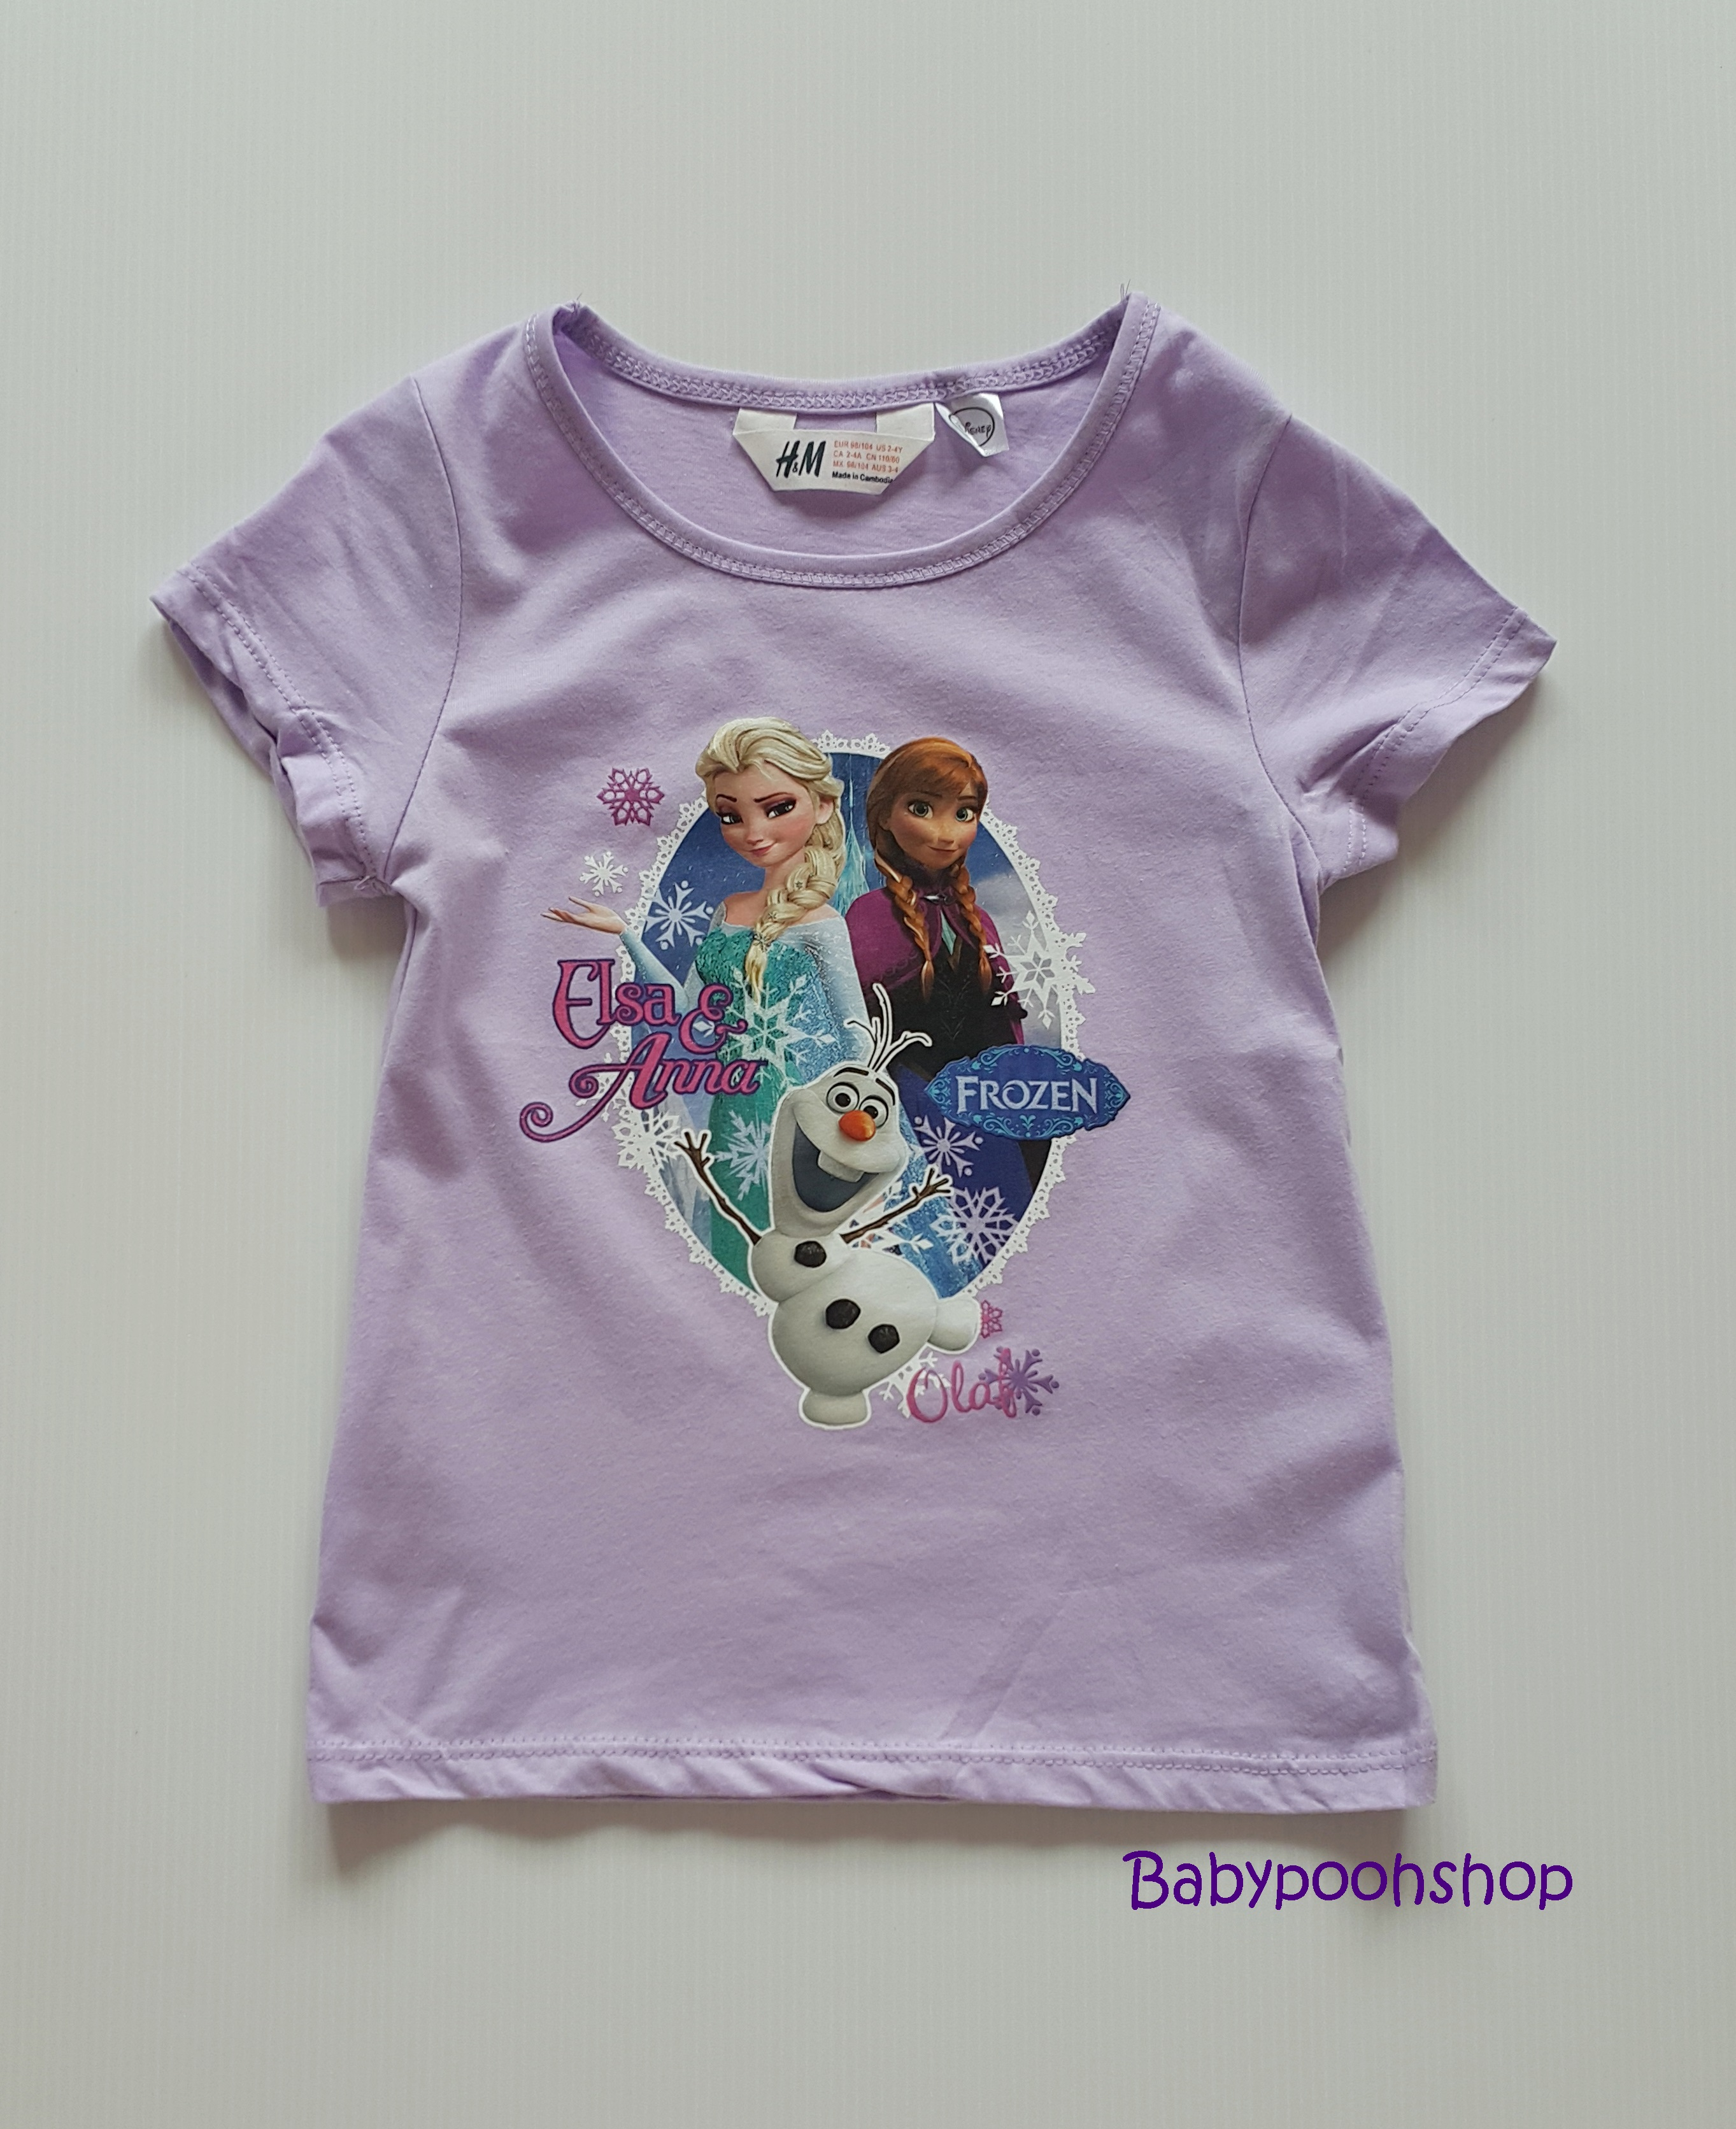 H&M : เสื้อยืดสกรีนลายเจ้าหญิงแอนนา เอลซ่า สีม่วง size : 1-2y